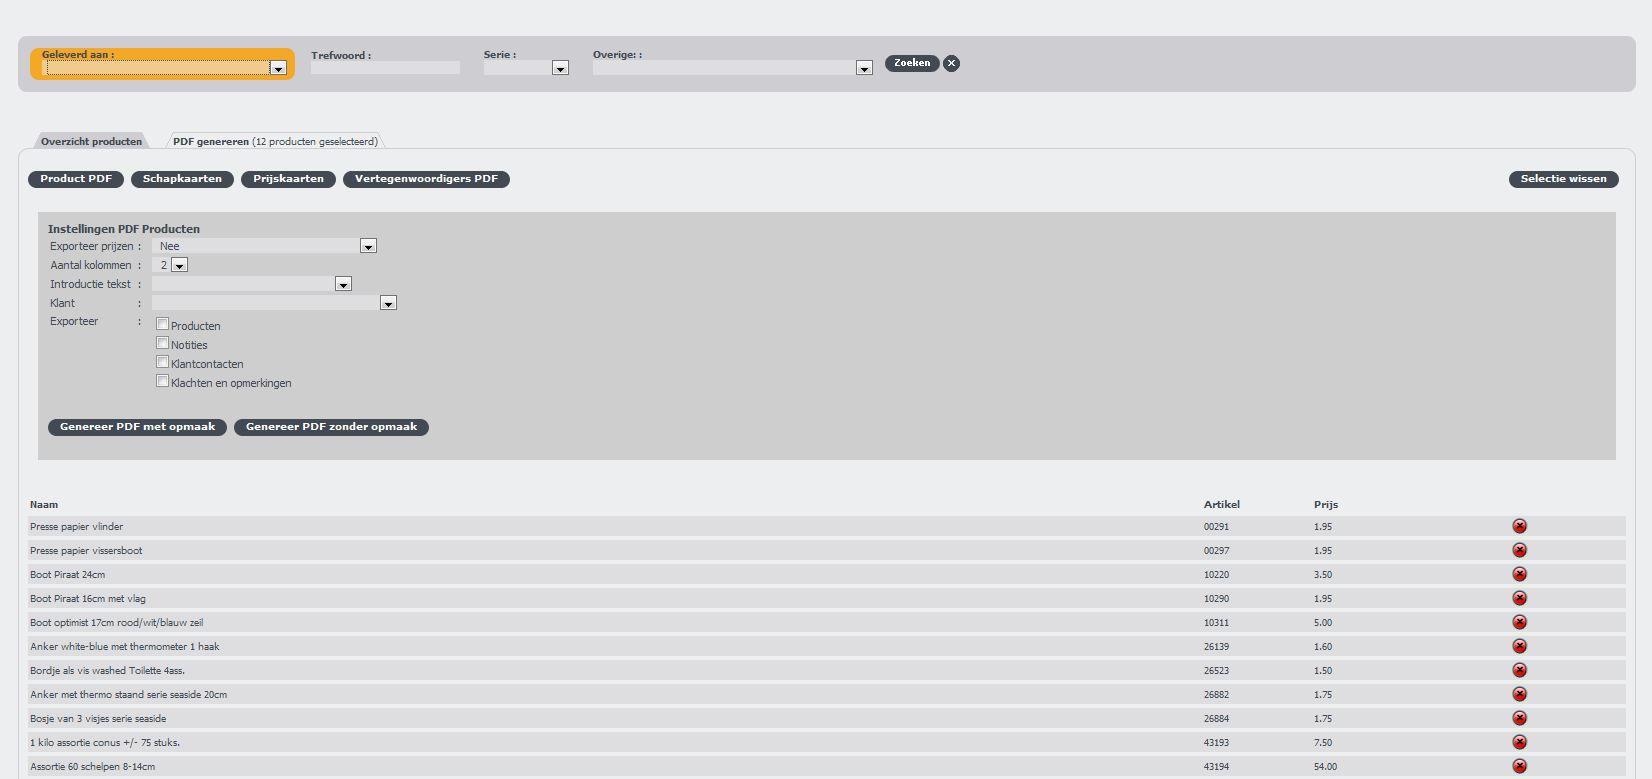 Het back office systeem van Gerkimex levert veel nieuwe informatie op